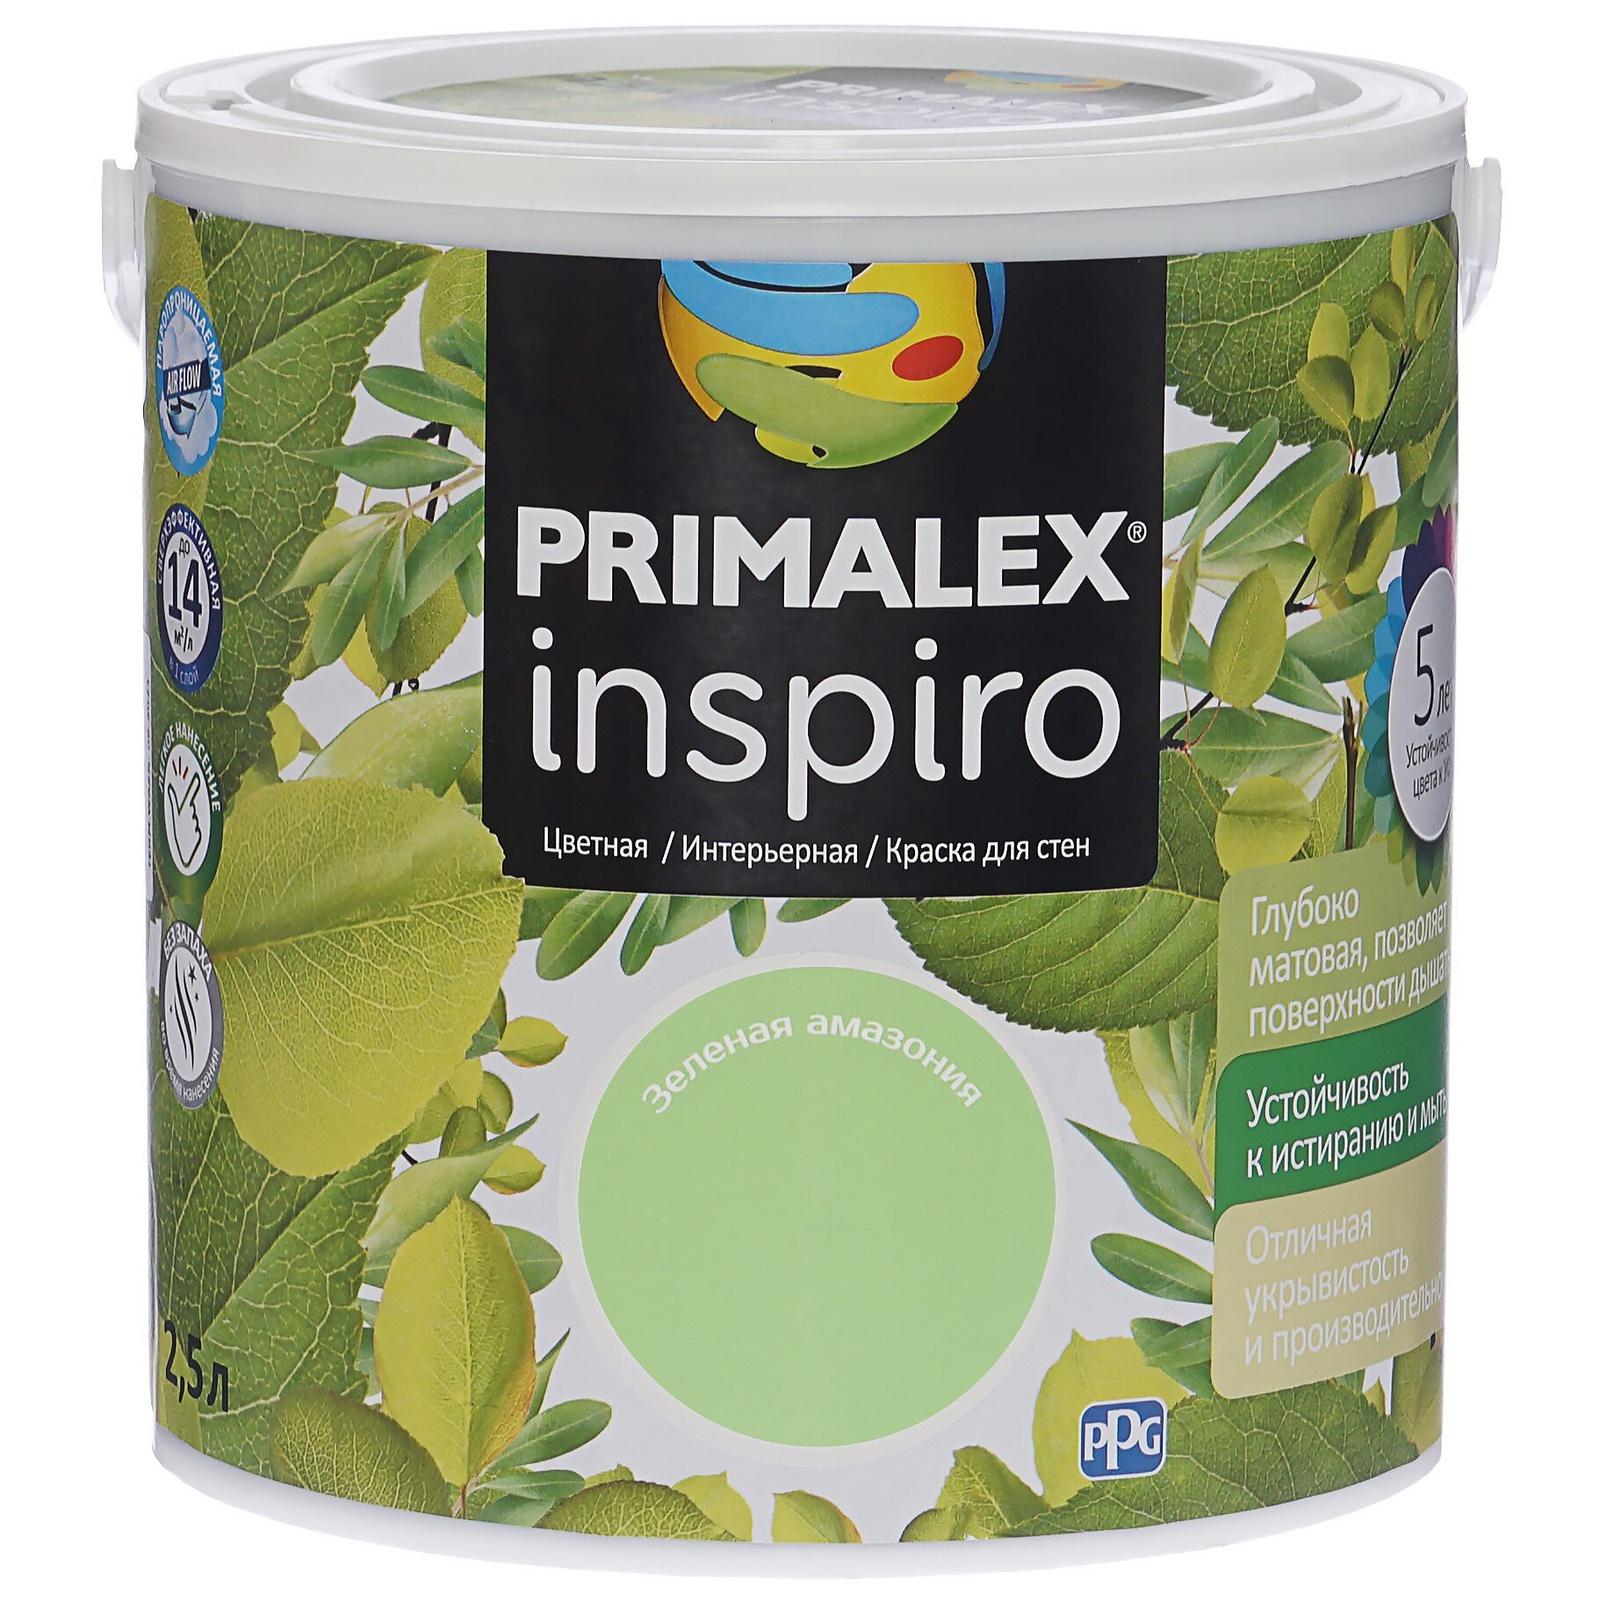 Краска PPG Primalex Inspiro Зеленая Амазония 2,5л, 420159 амазония